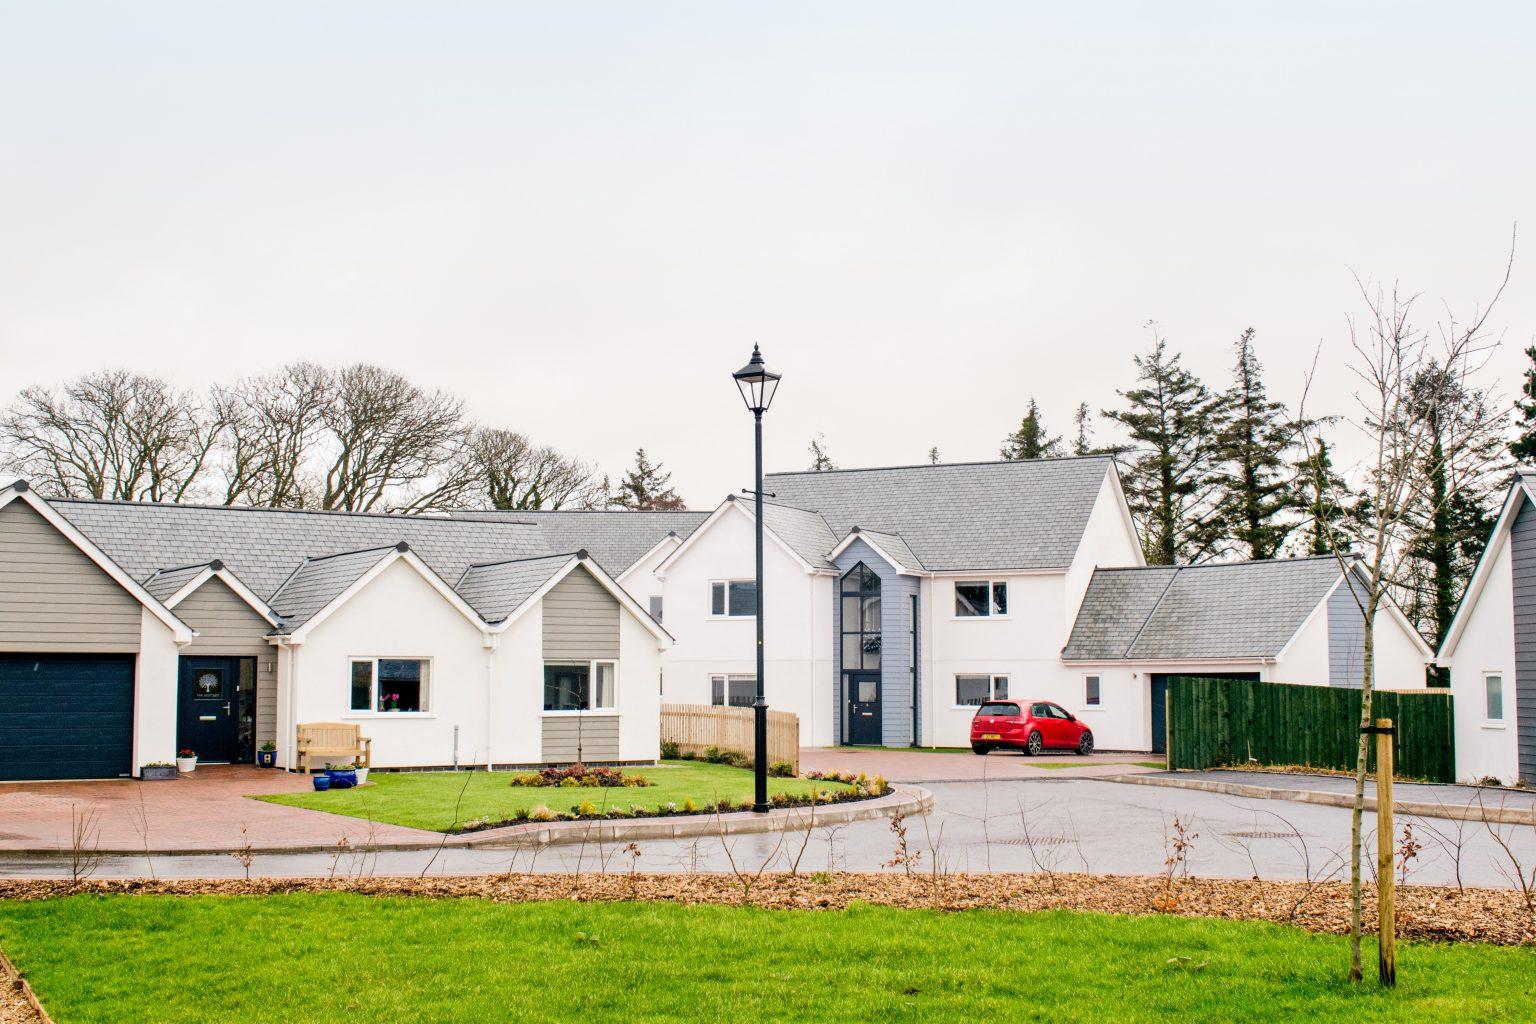 Rendered Cladding For Timber Frame Houses - UK manufacturer